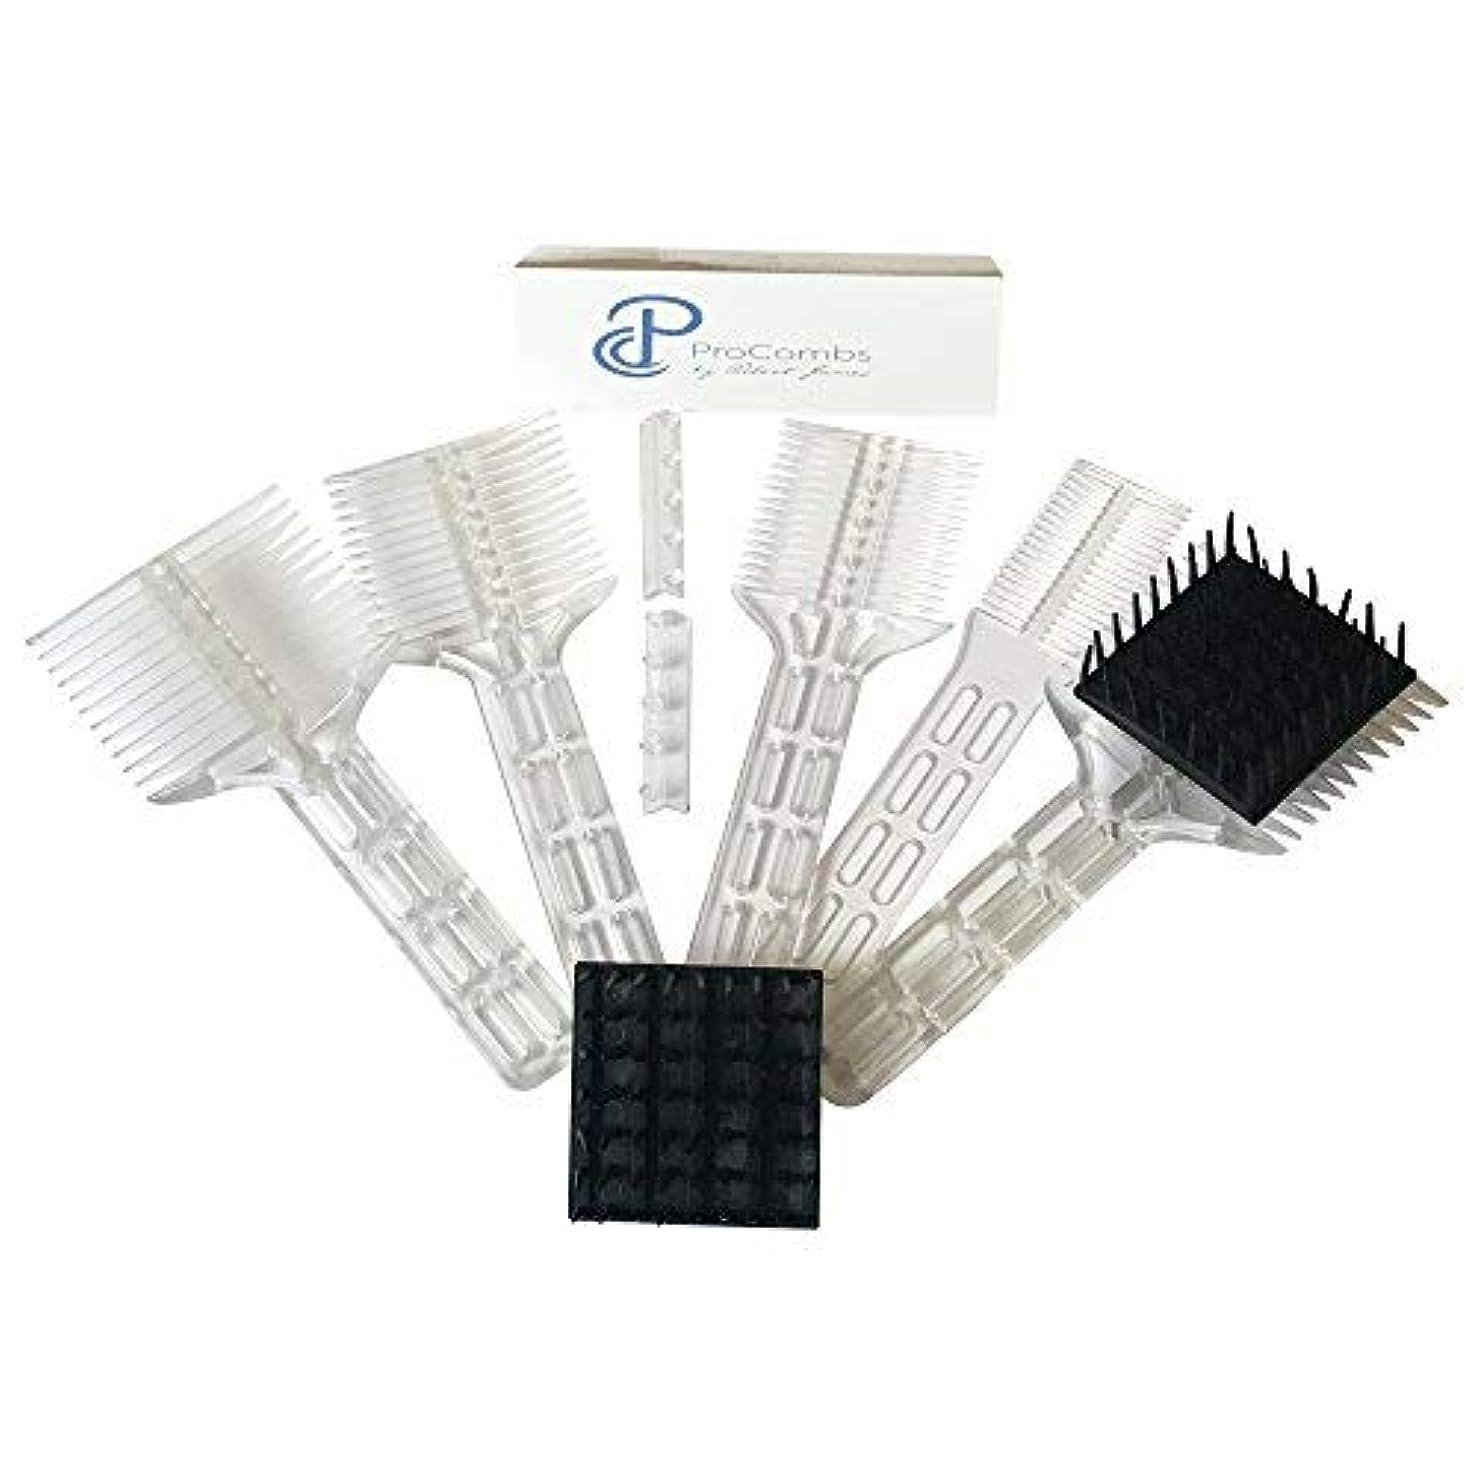 癒す居眠りするに沿ってScissor/Clipper Over Comb Tool For The Perfect Haircut [並行輸入品]